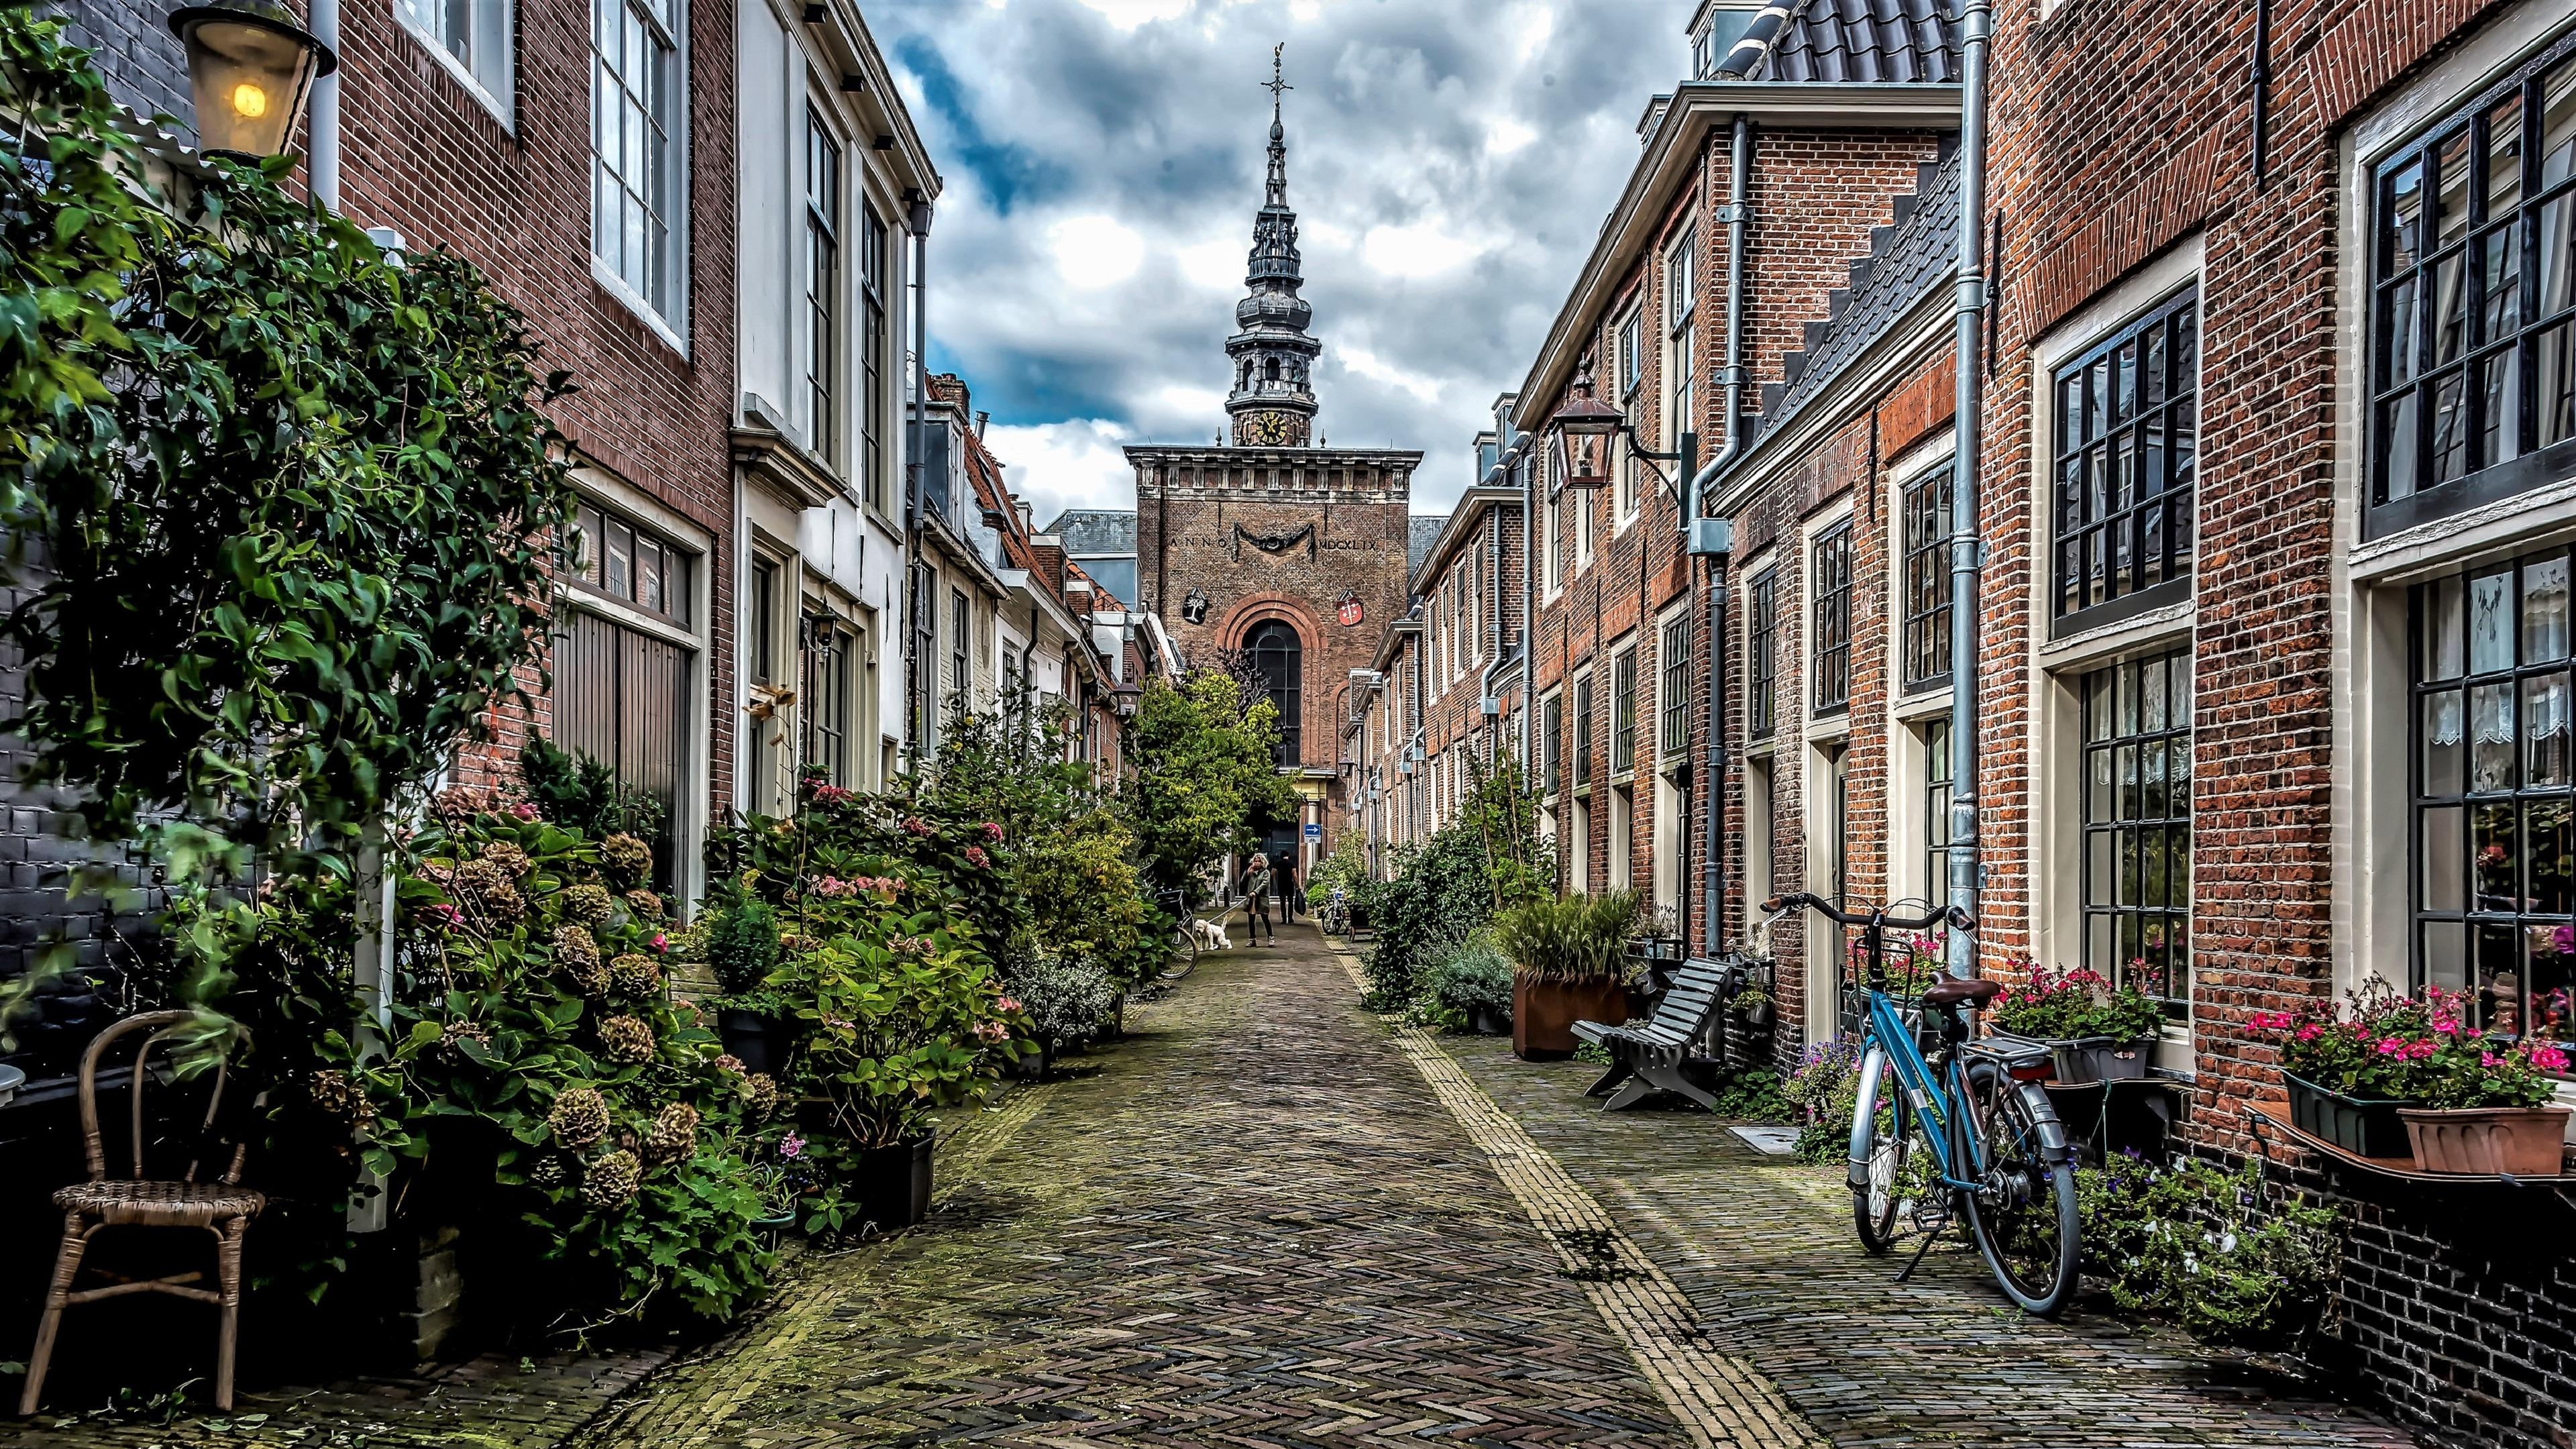 Haarlem street view, Netherlands wallpaper